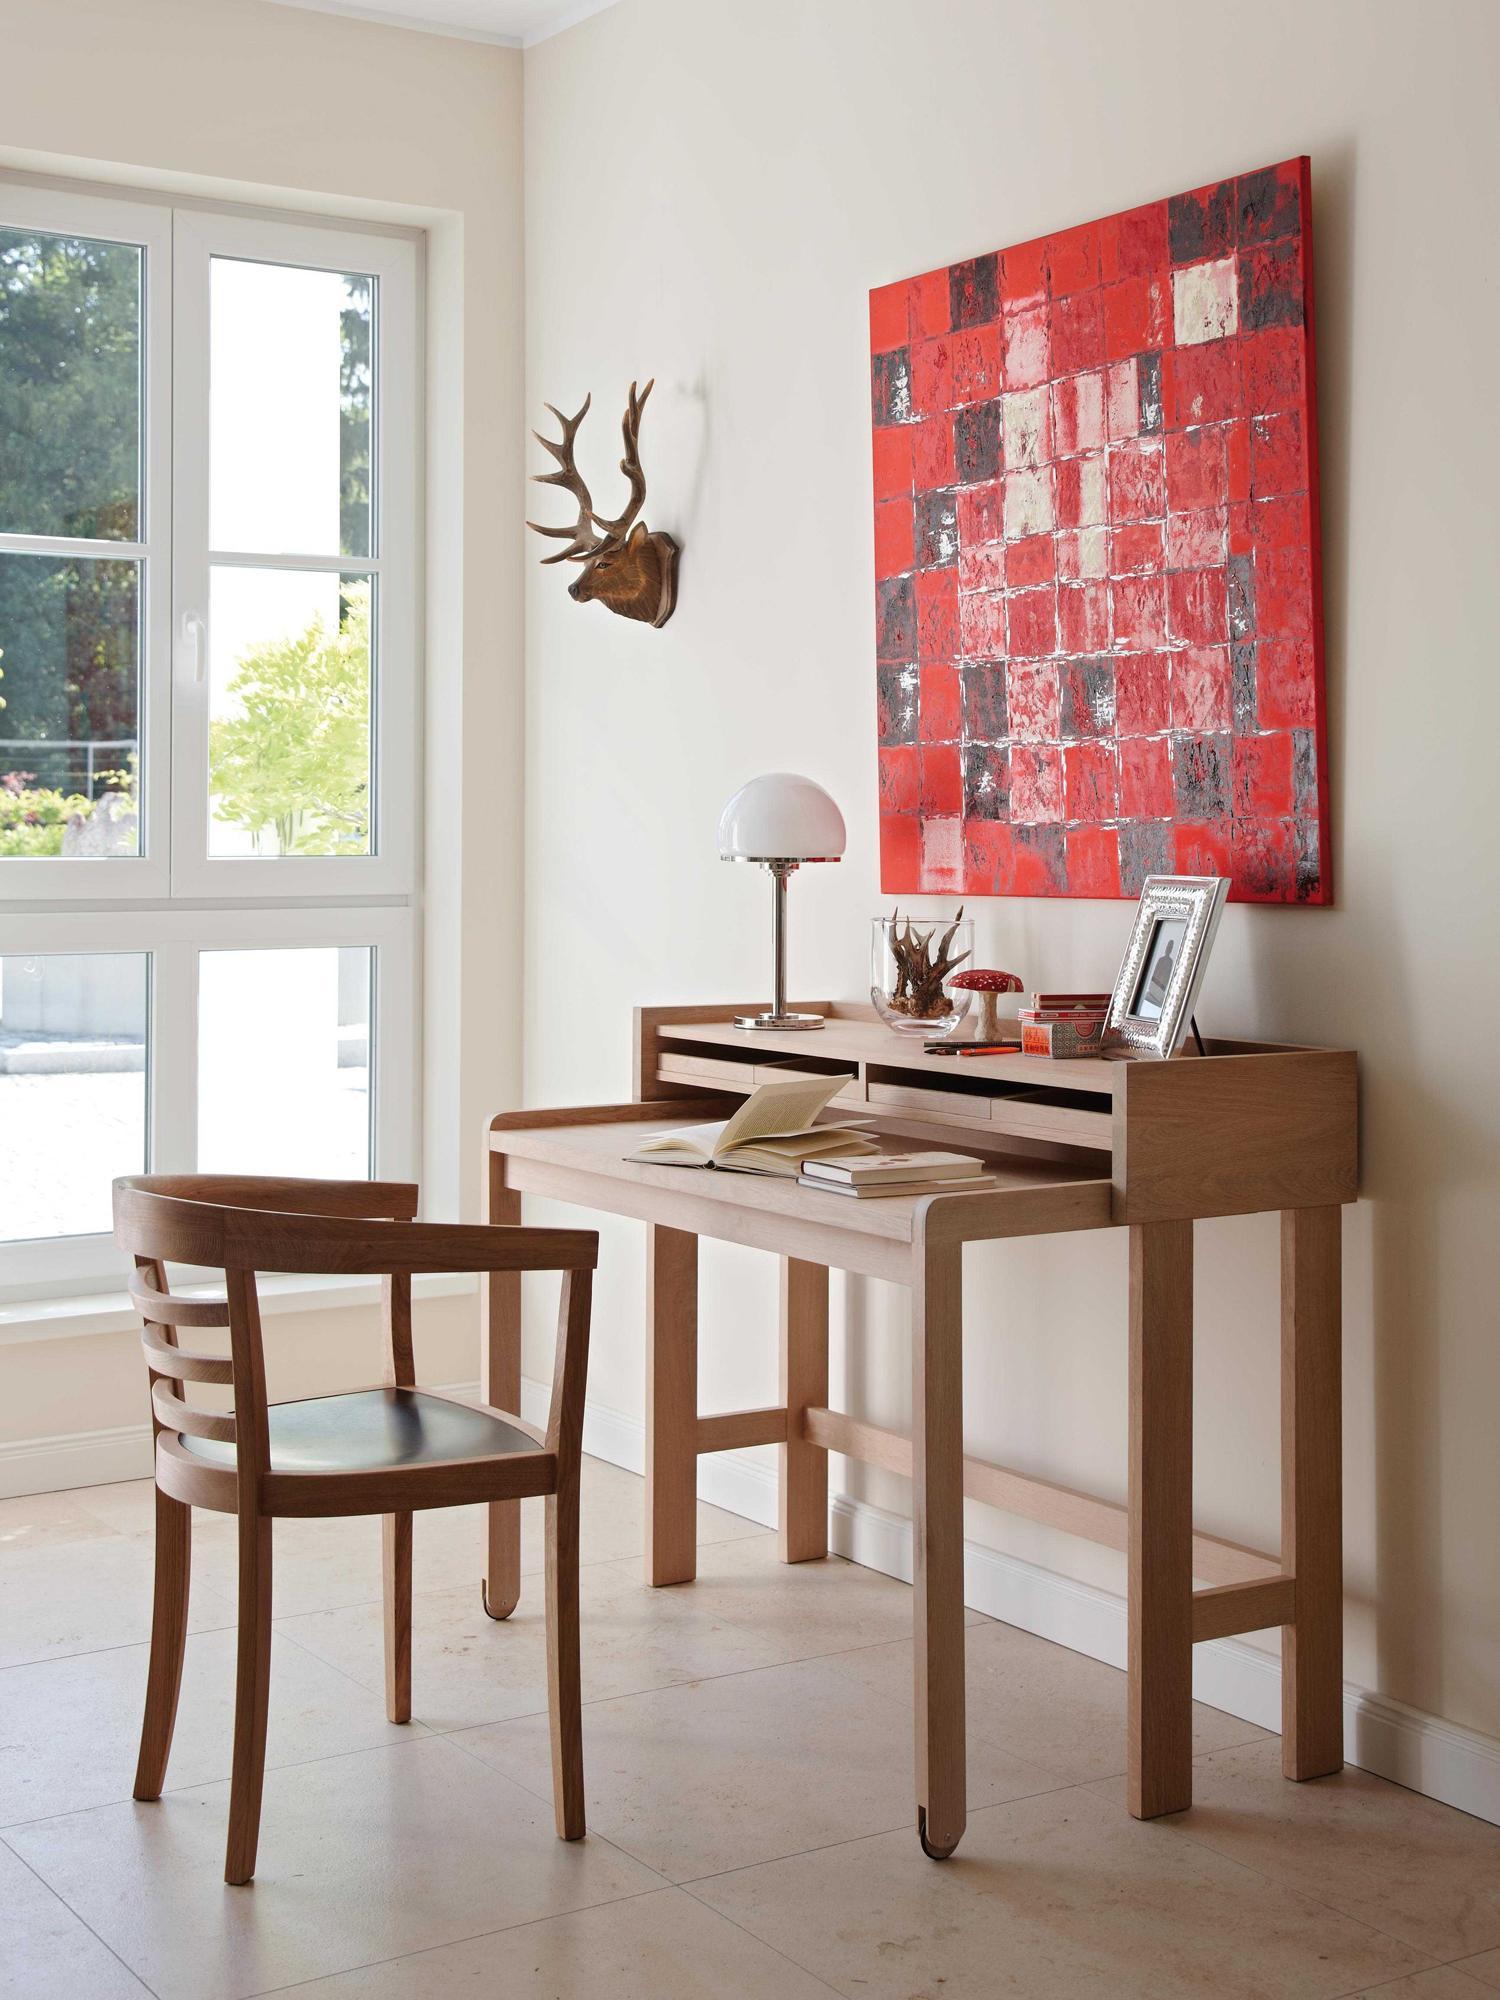 Arbeitszimmer wandgestaltung  Holzarbeitstisch • Bilder & Ideen • COUCHstyle